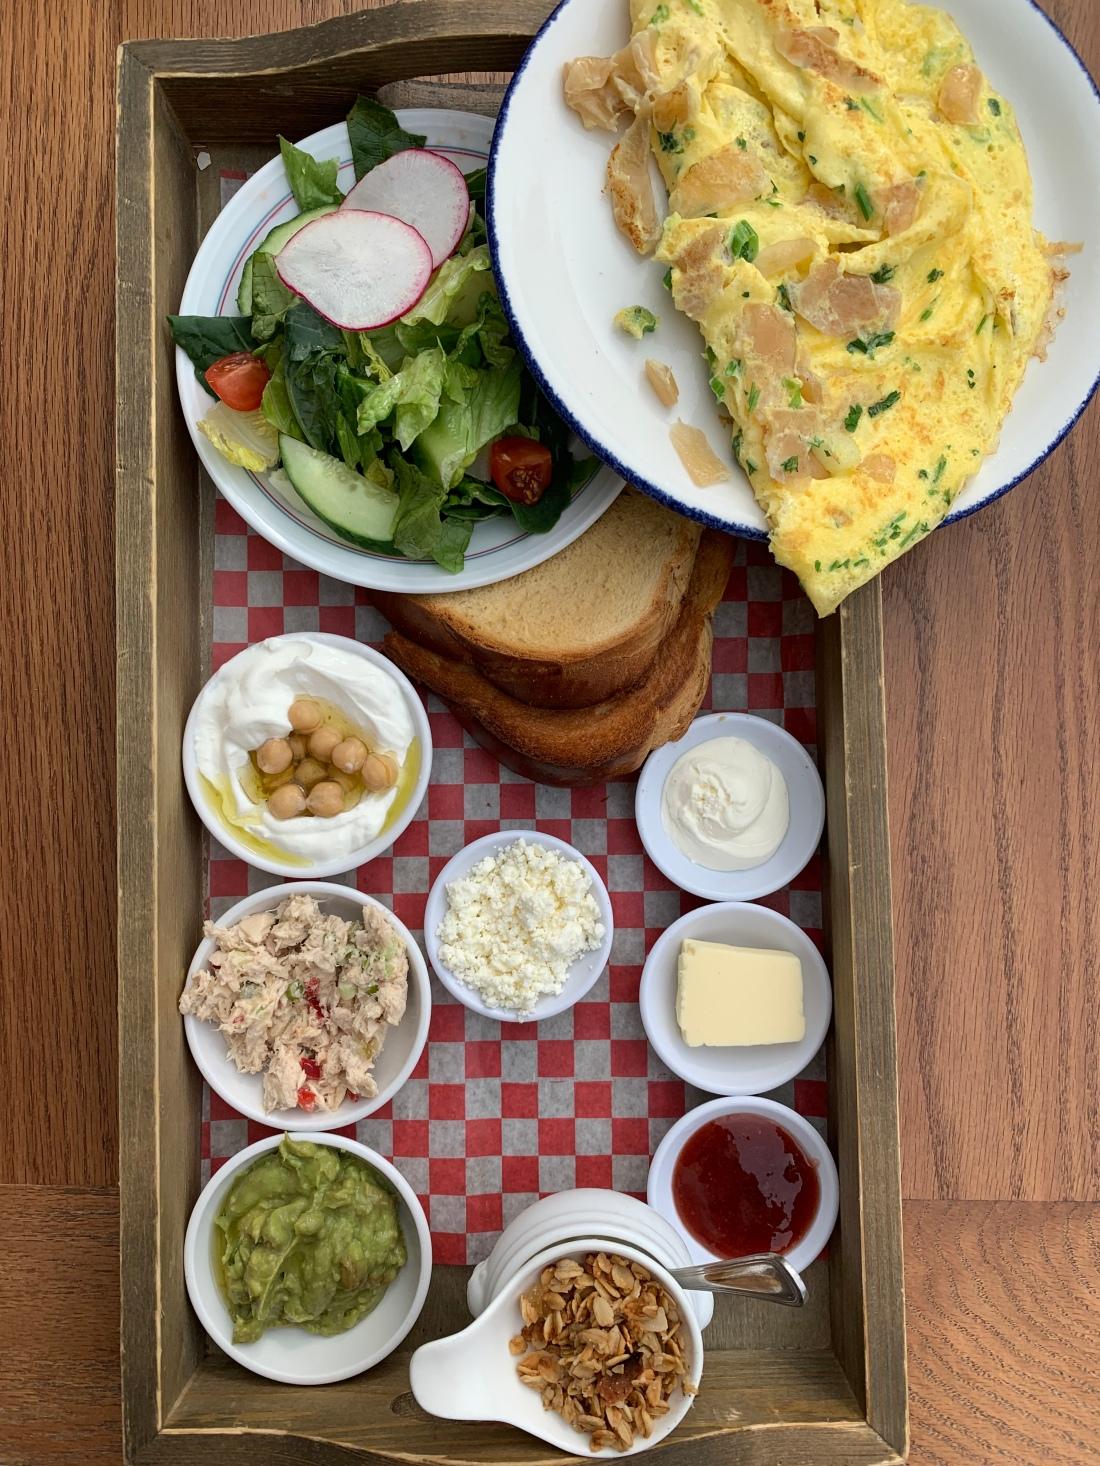 adamology – Boston's Best Breakfast